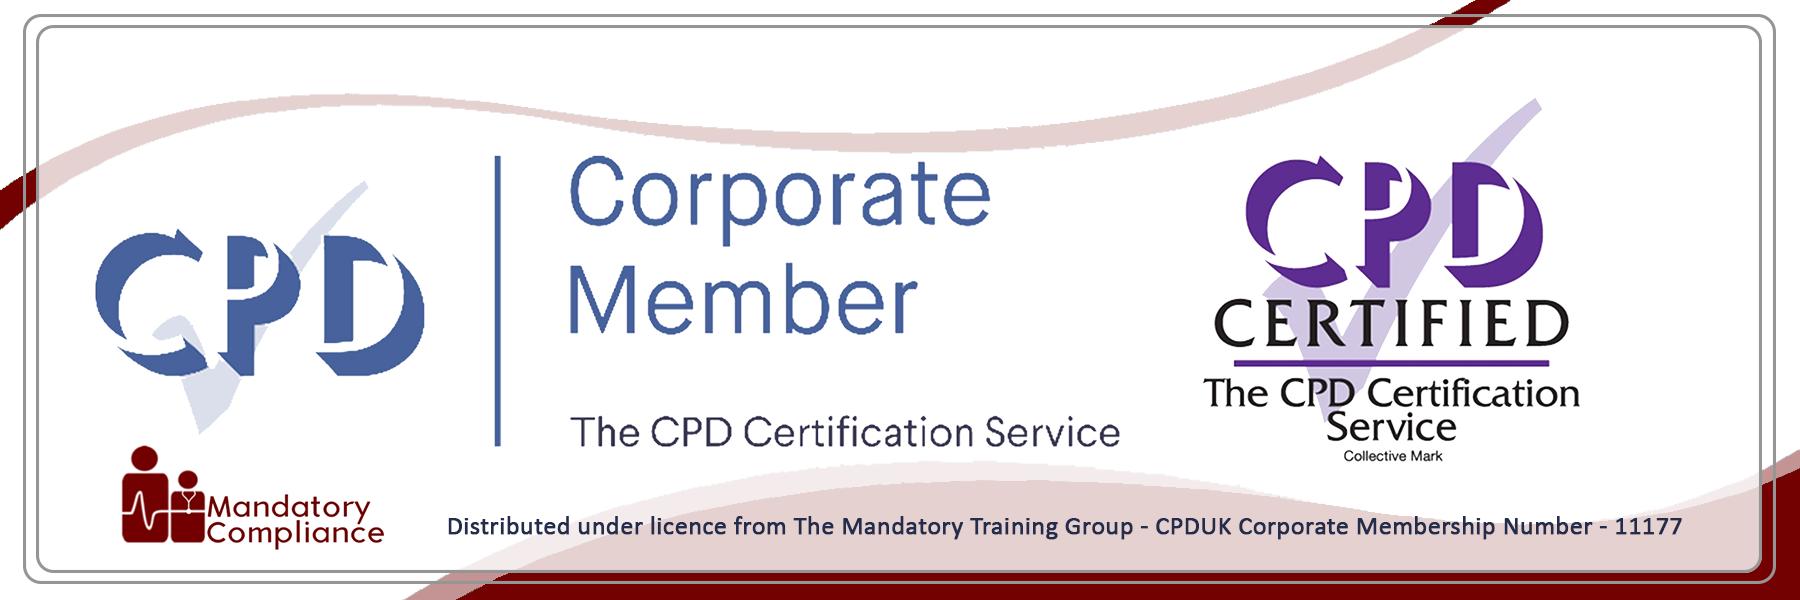 Persuasive Communication-Online Training Course - The Mandatory Training Group UK -